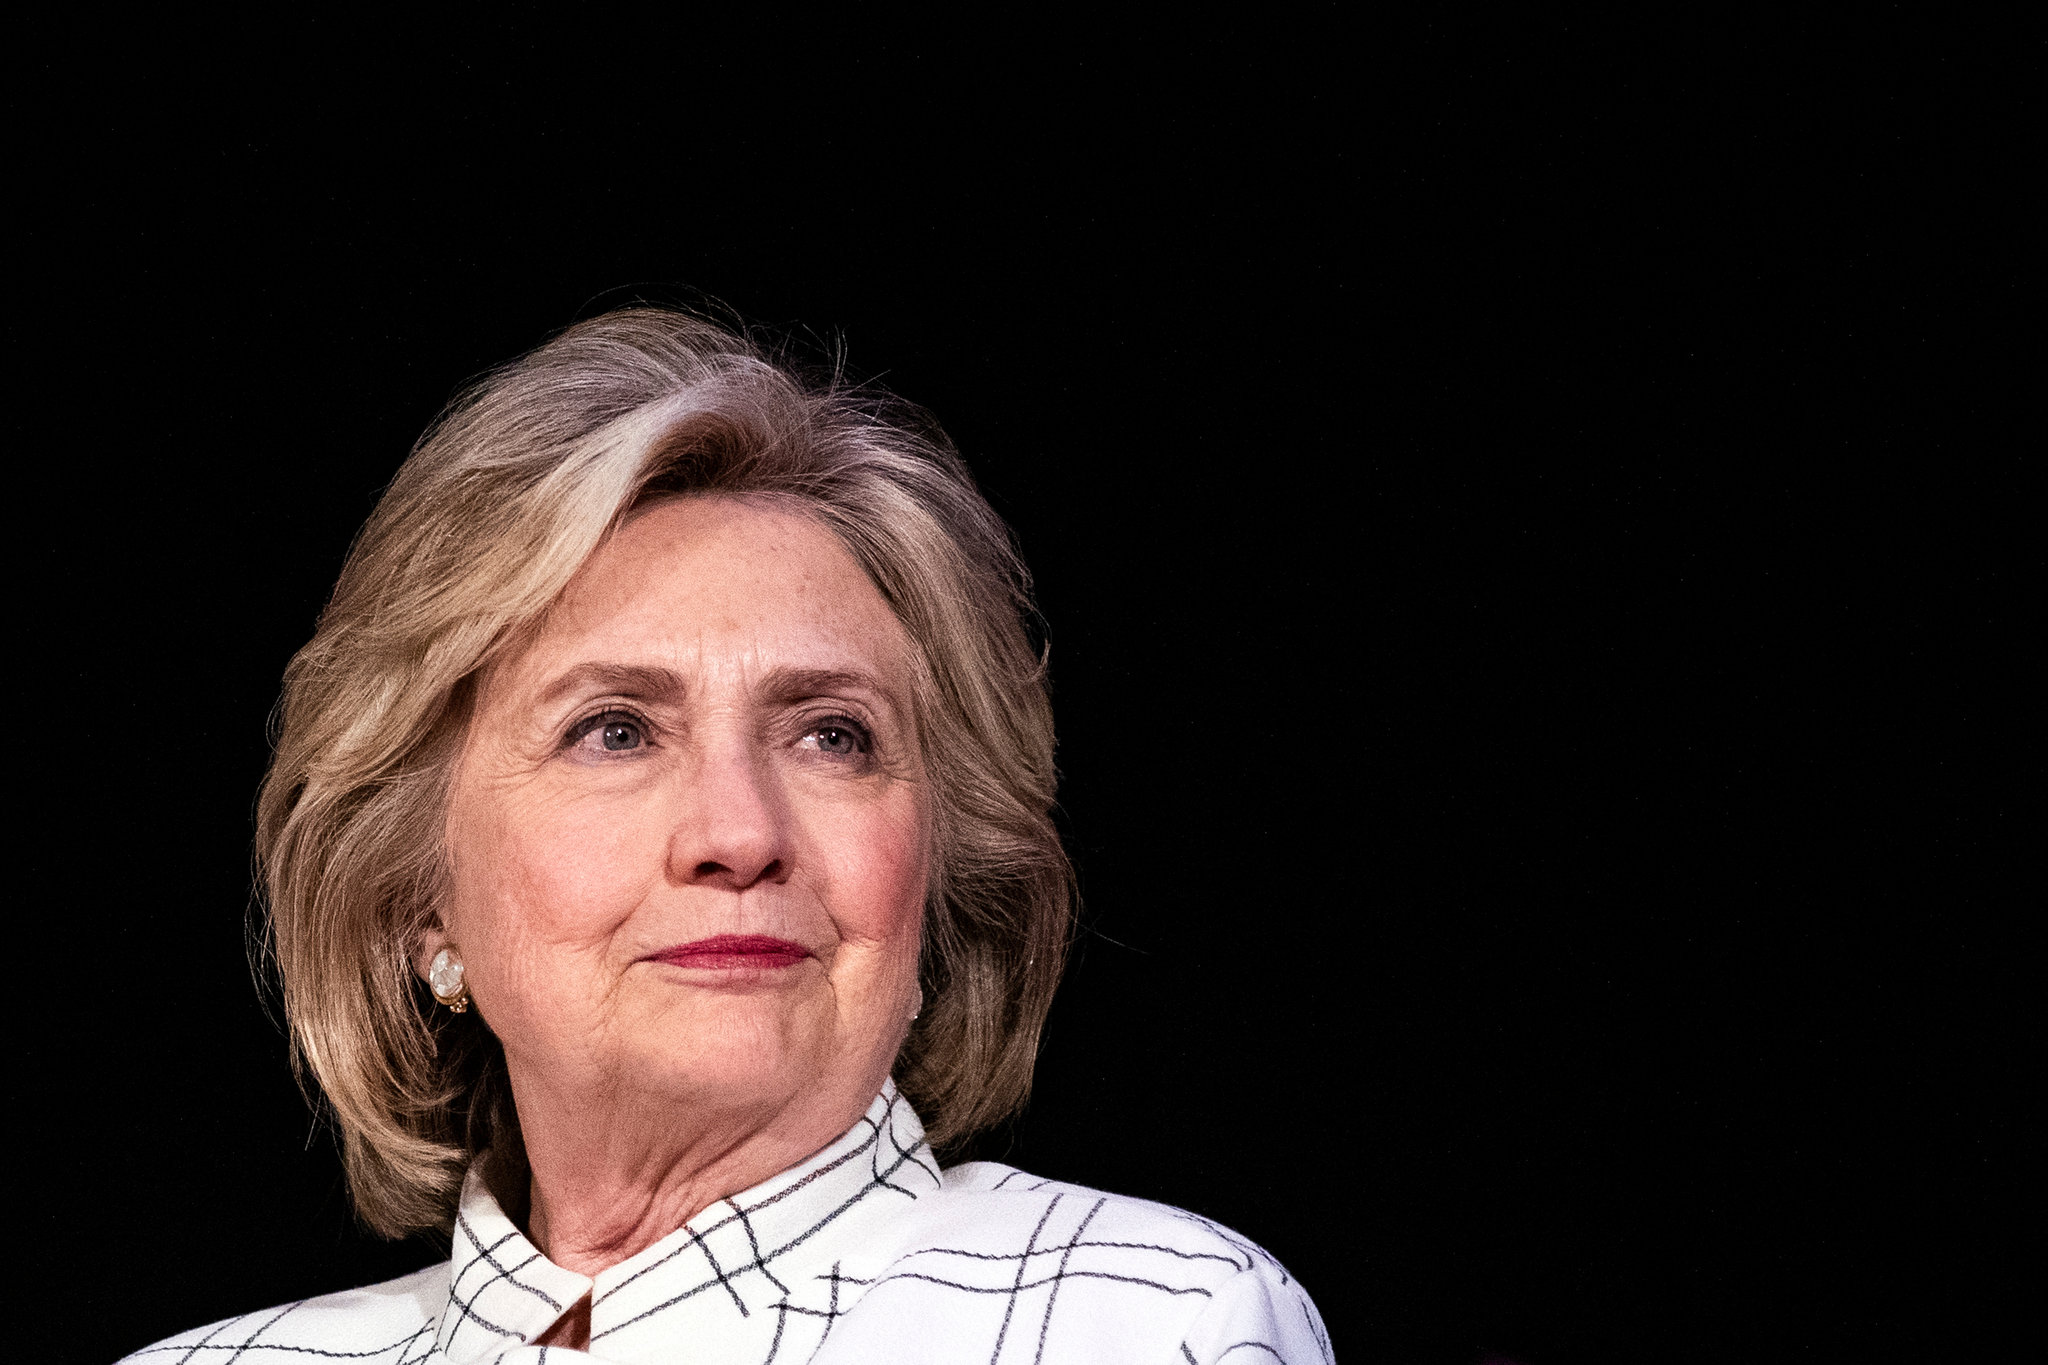 Hillary Clinton Slams Trump Supporters… Again